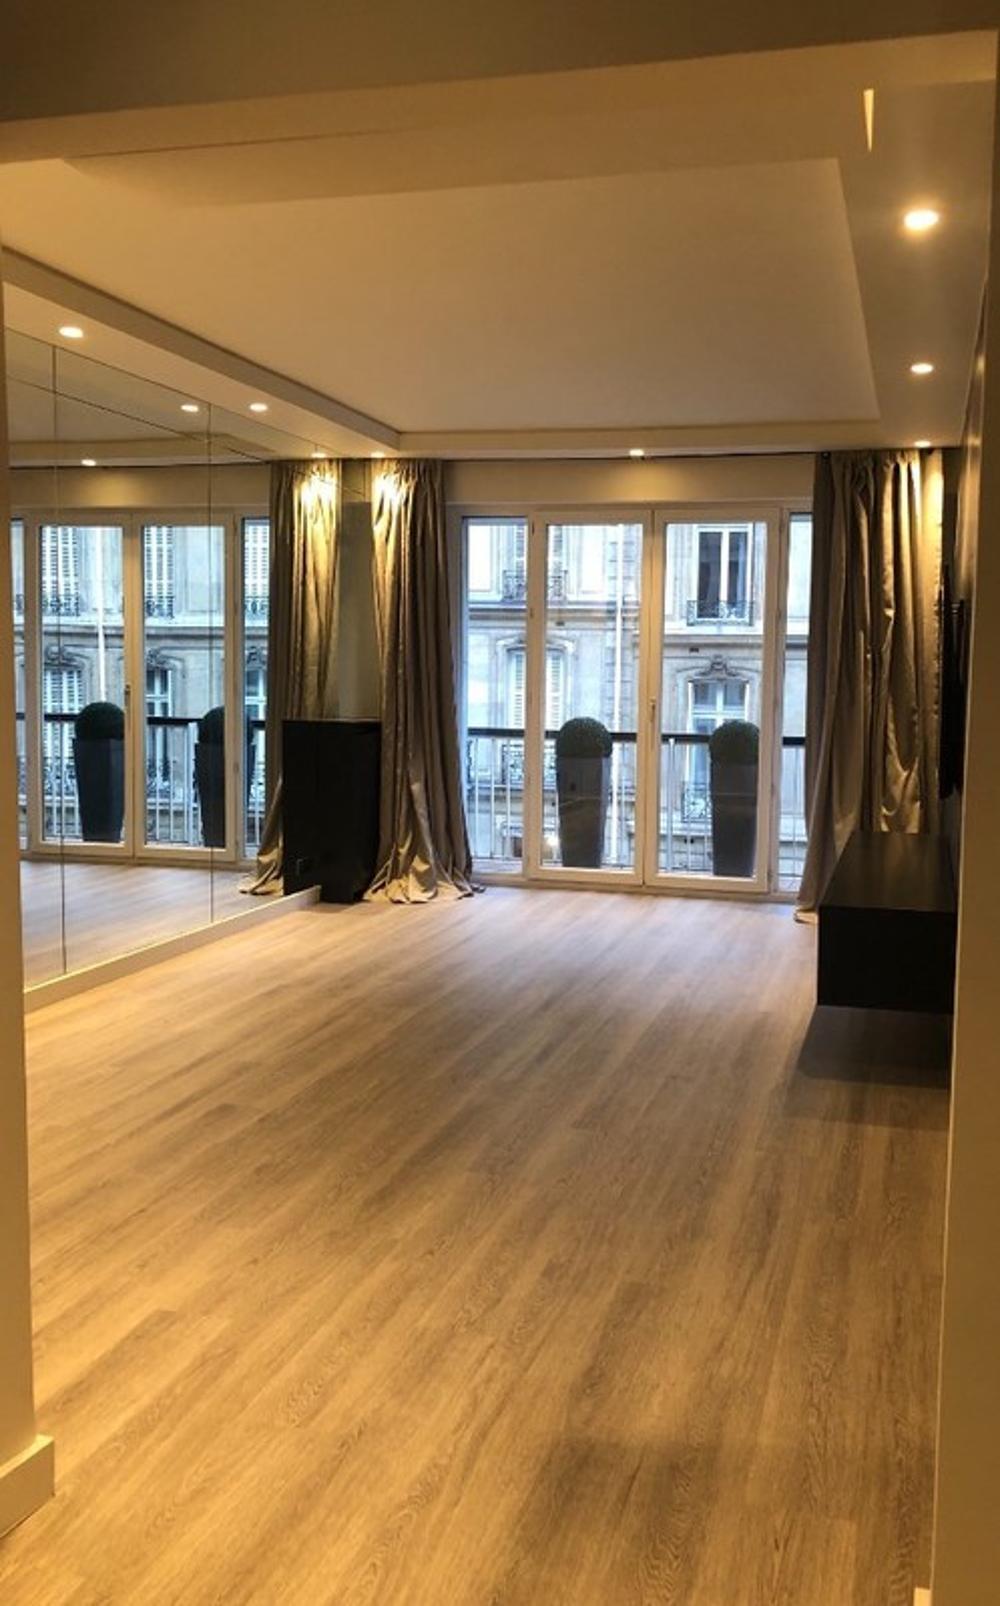 Paris 8e Arrondissement Paris (Seine) Apartment Bild 3598580